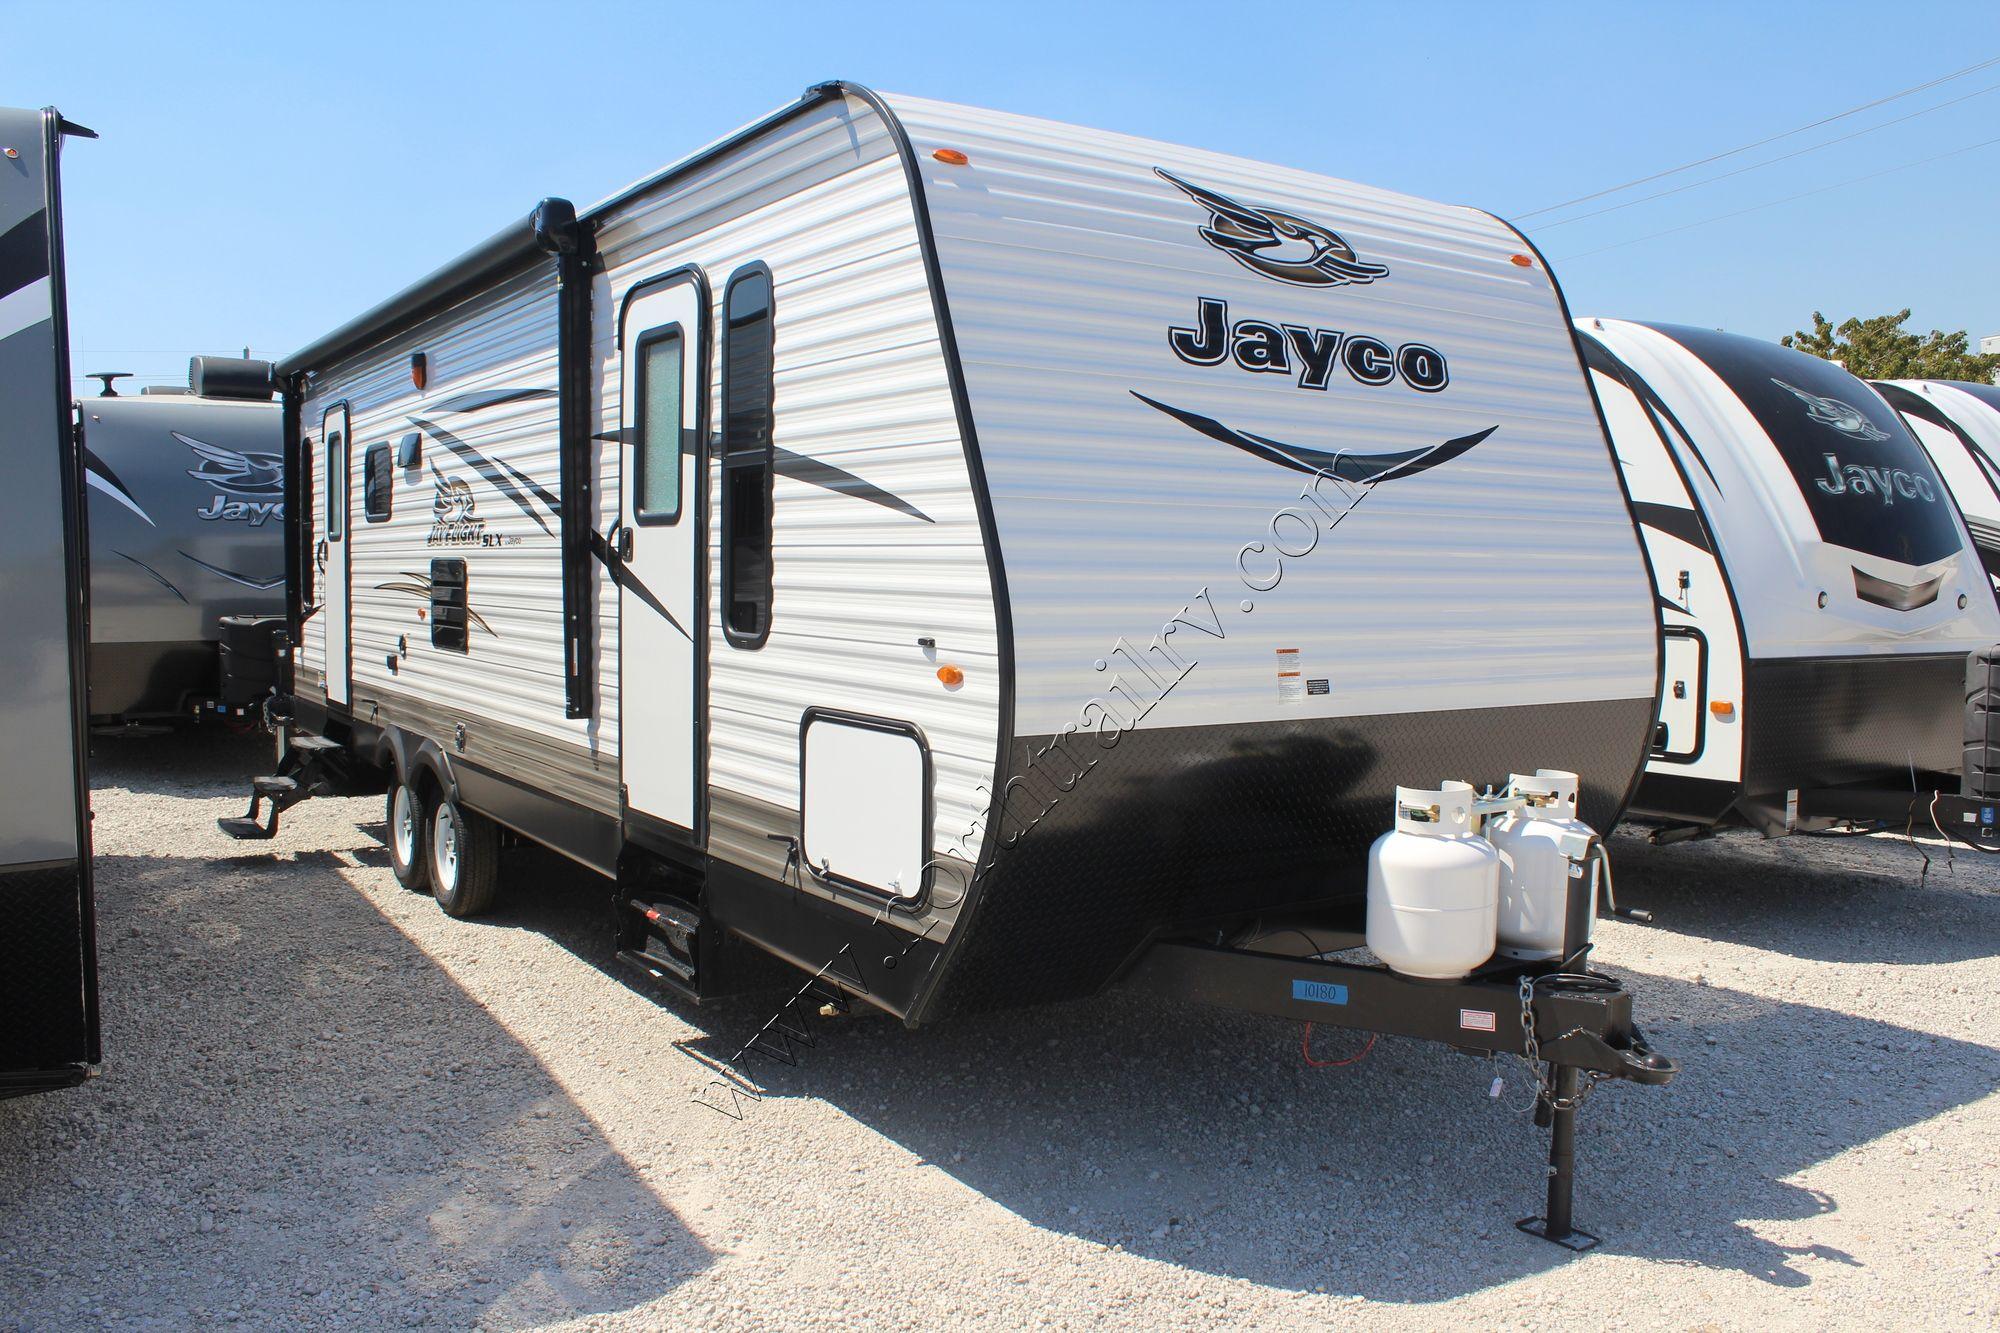 2017 Jayco Jay Flight Slx 265RLSW Travel Trailer (Stock ...